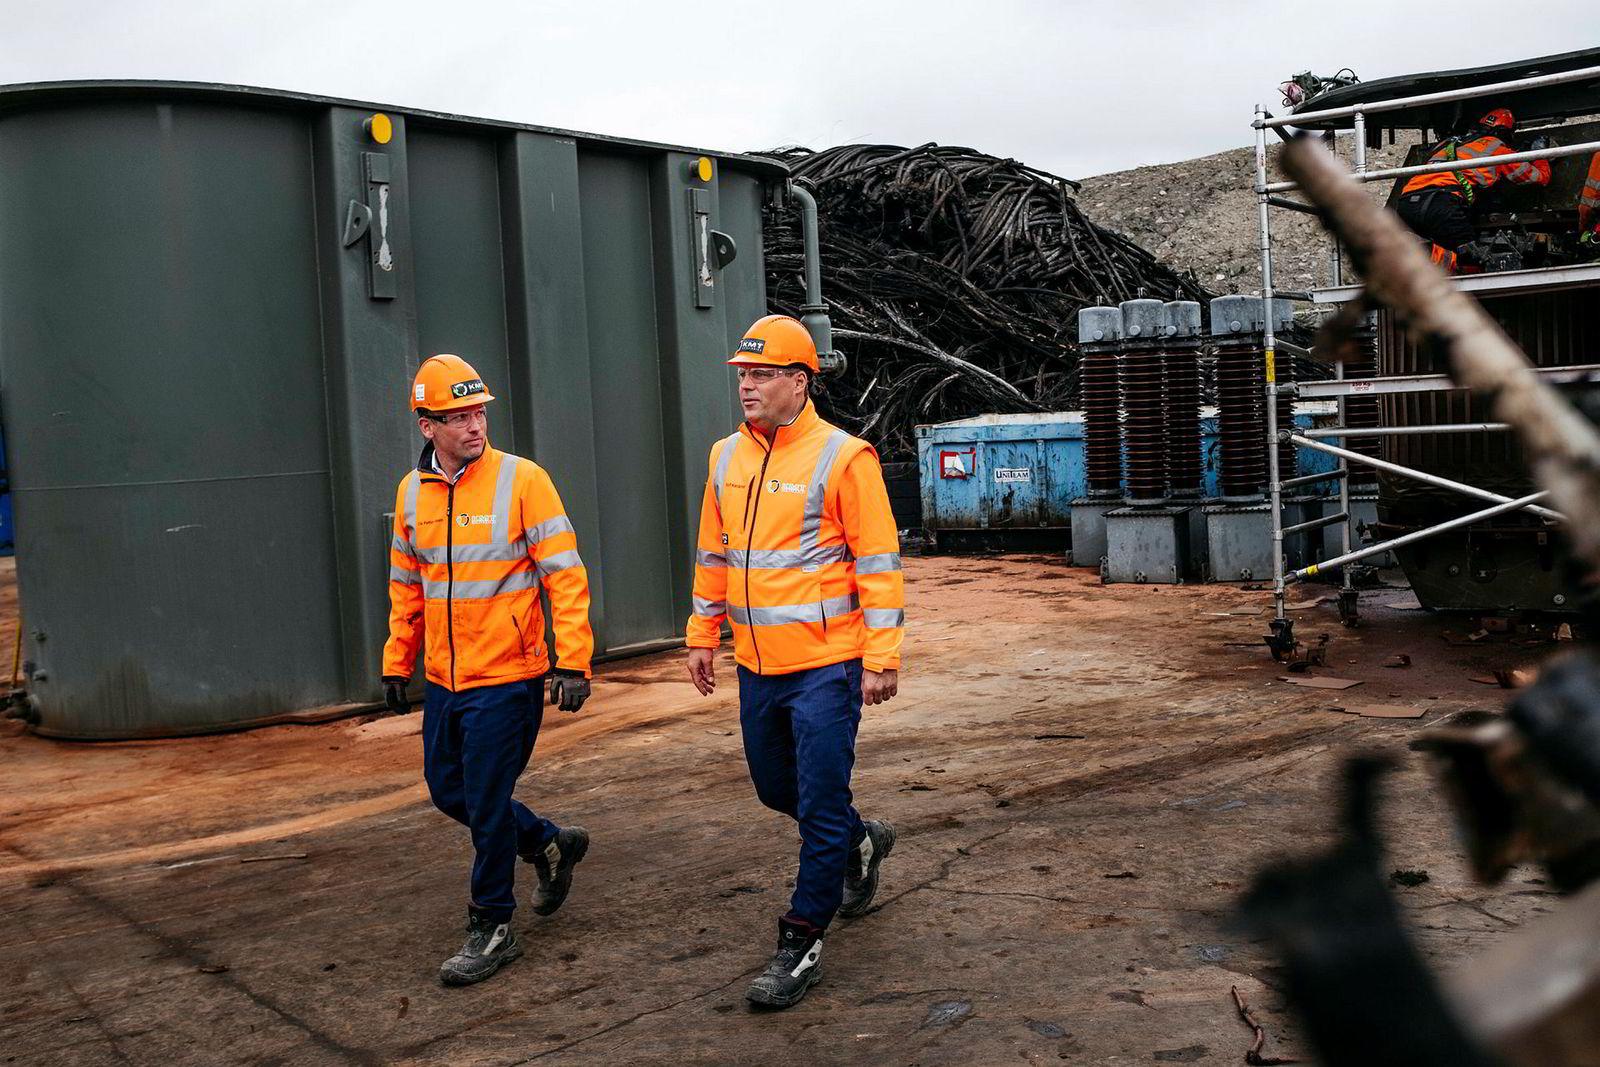 KMT gjenvinner også trafostasjoner. Denne kommer fra Statkrafts anlegg i Røssåga, Nordland. Fra venstre: daglig leder Ole Petter Nilsen og styreleder Rolf Bergerud Næslund.